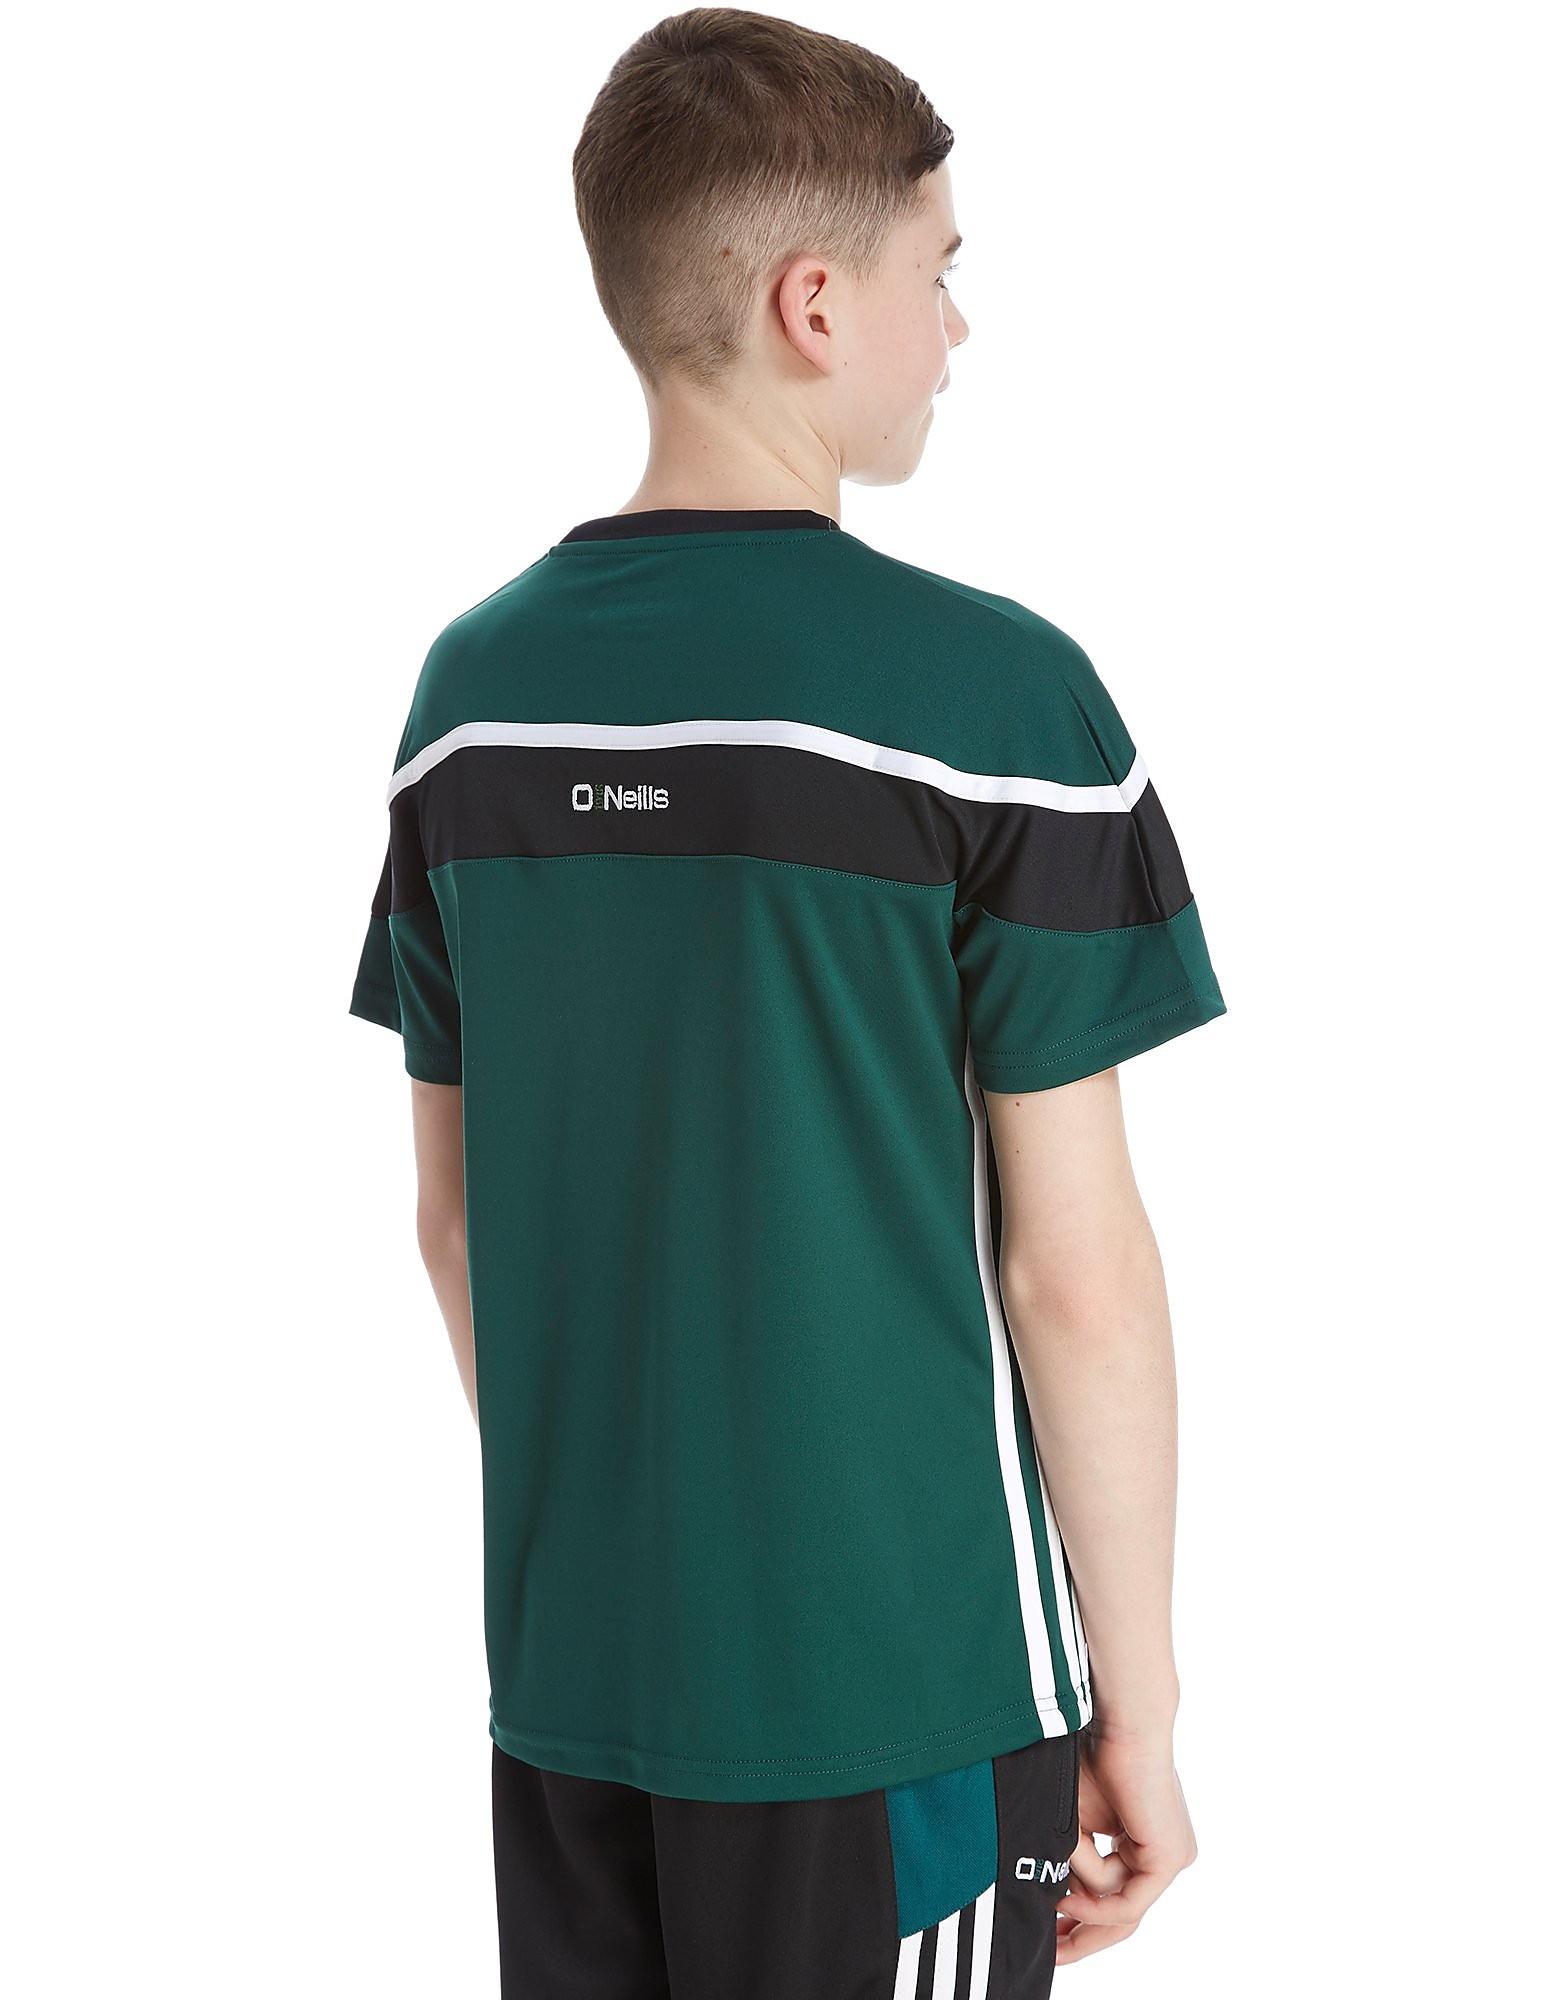 O'Neills Kildare T-Shirt Junior